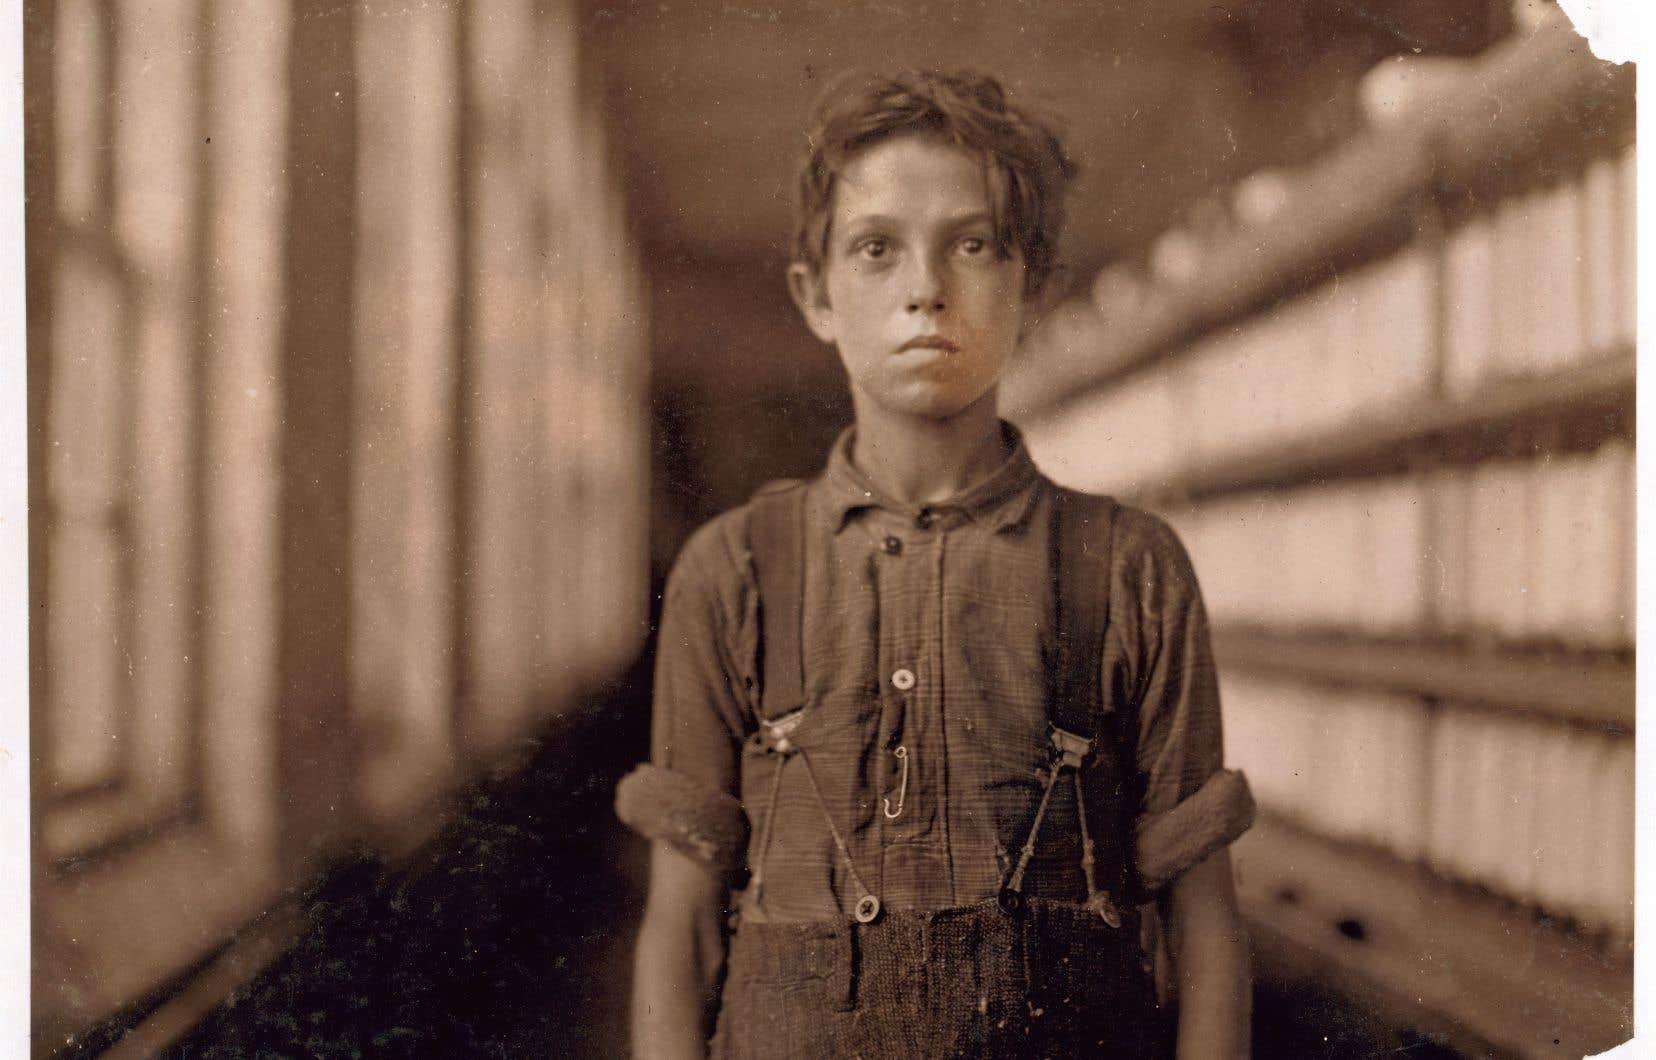 Parmi les milliers d'immigrants canadiens-français qui peinent dans les usines de la Nouvelle-Angleterre, on trouve des enfants. Le sociologue et photographe Lewis Hine documente leurs conditions de travail. Il note à l'oreille leurs noms. Ici «Jo Bodeon», Joseph Beaudoin, photographié à la Chace Cotton Mill de Burlington, au Vermont, en 1909.